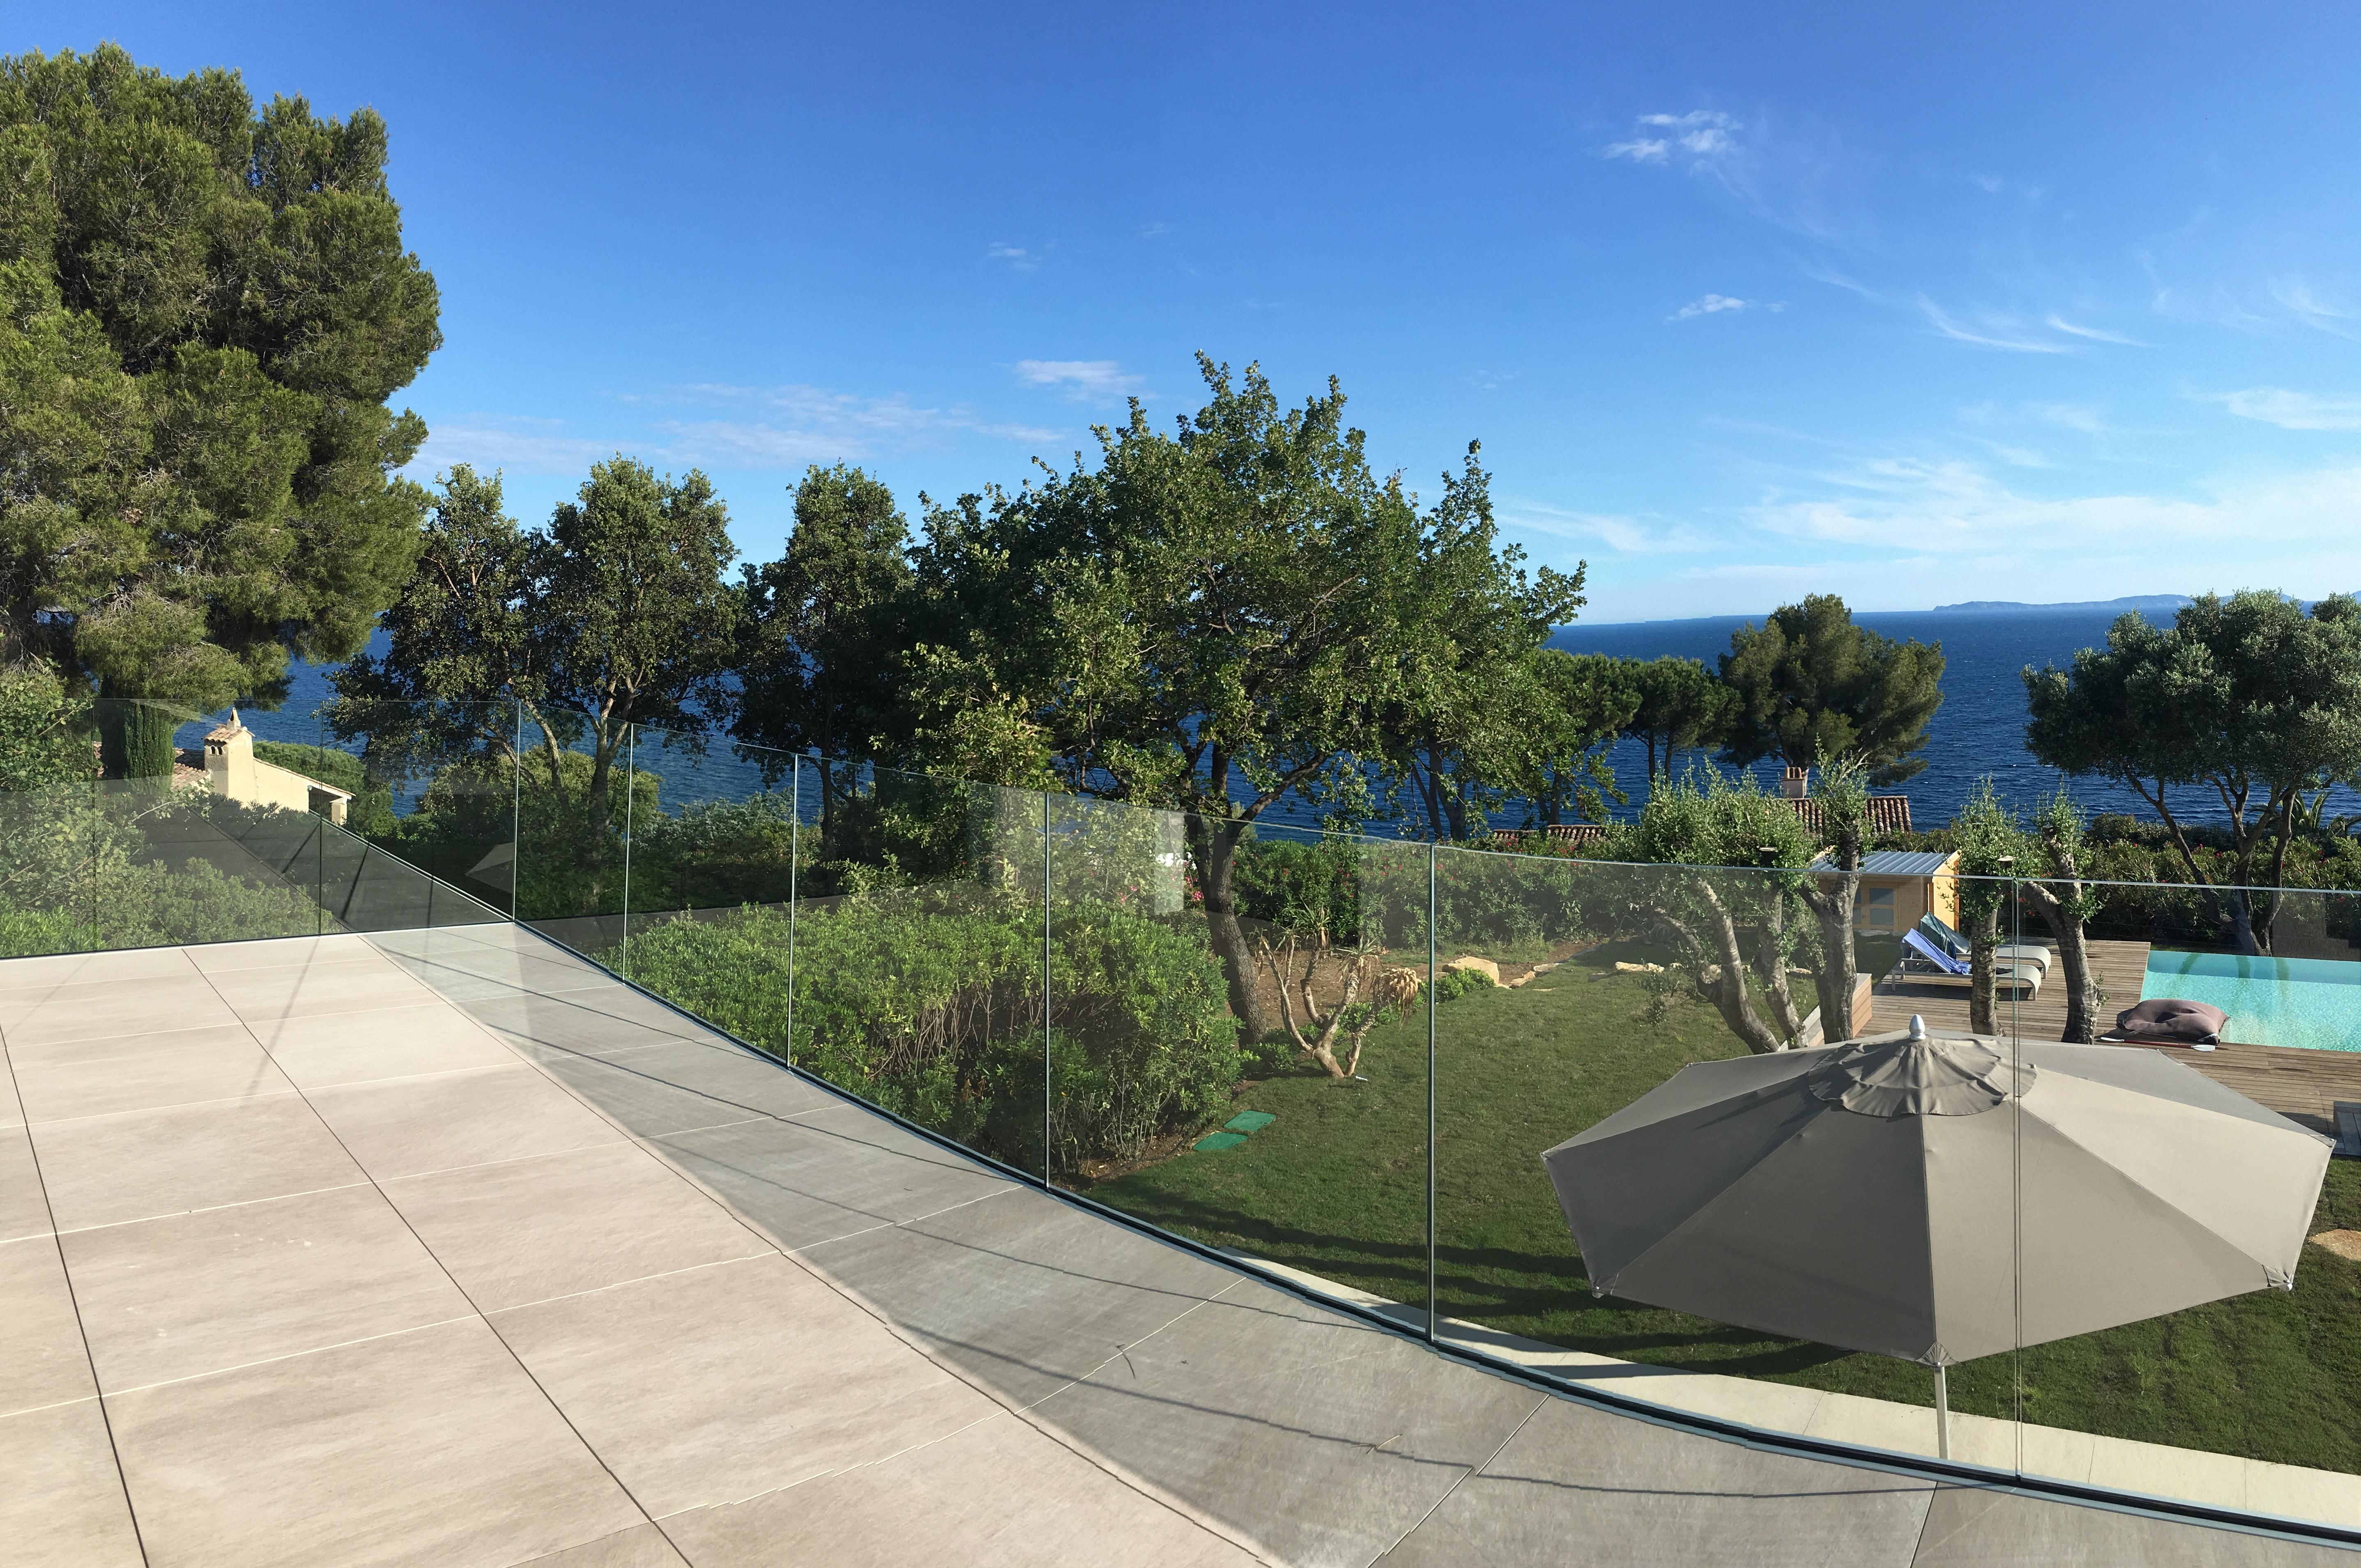 GARDE CORPS EXTERIEUR EN VERRE Toulon (Var) La Seyne-sur-Mer Hyères